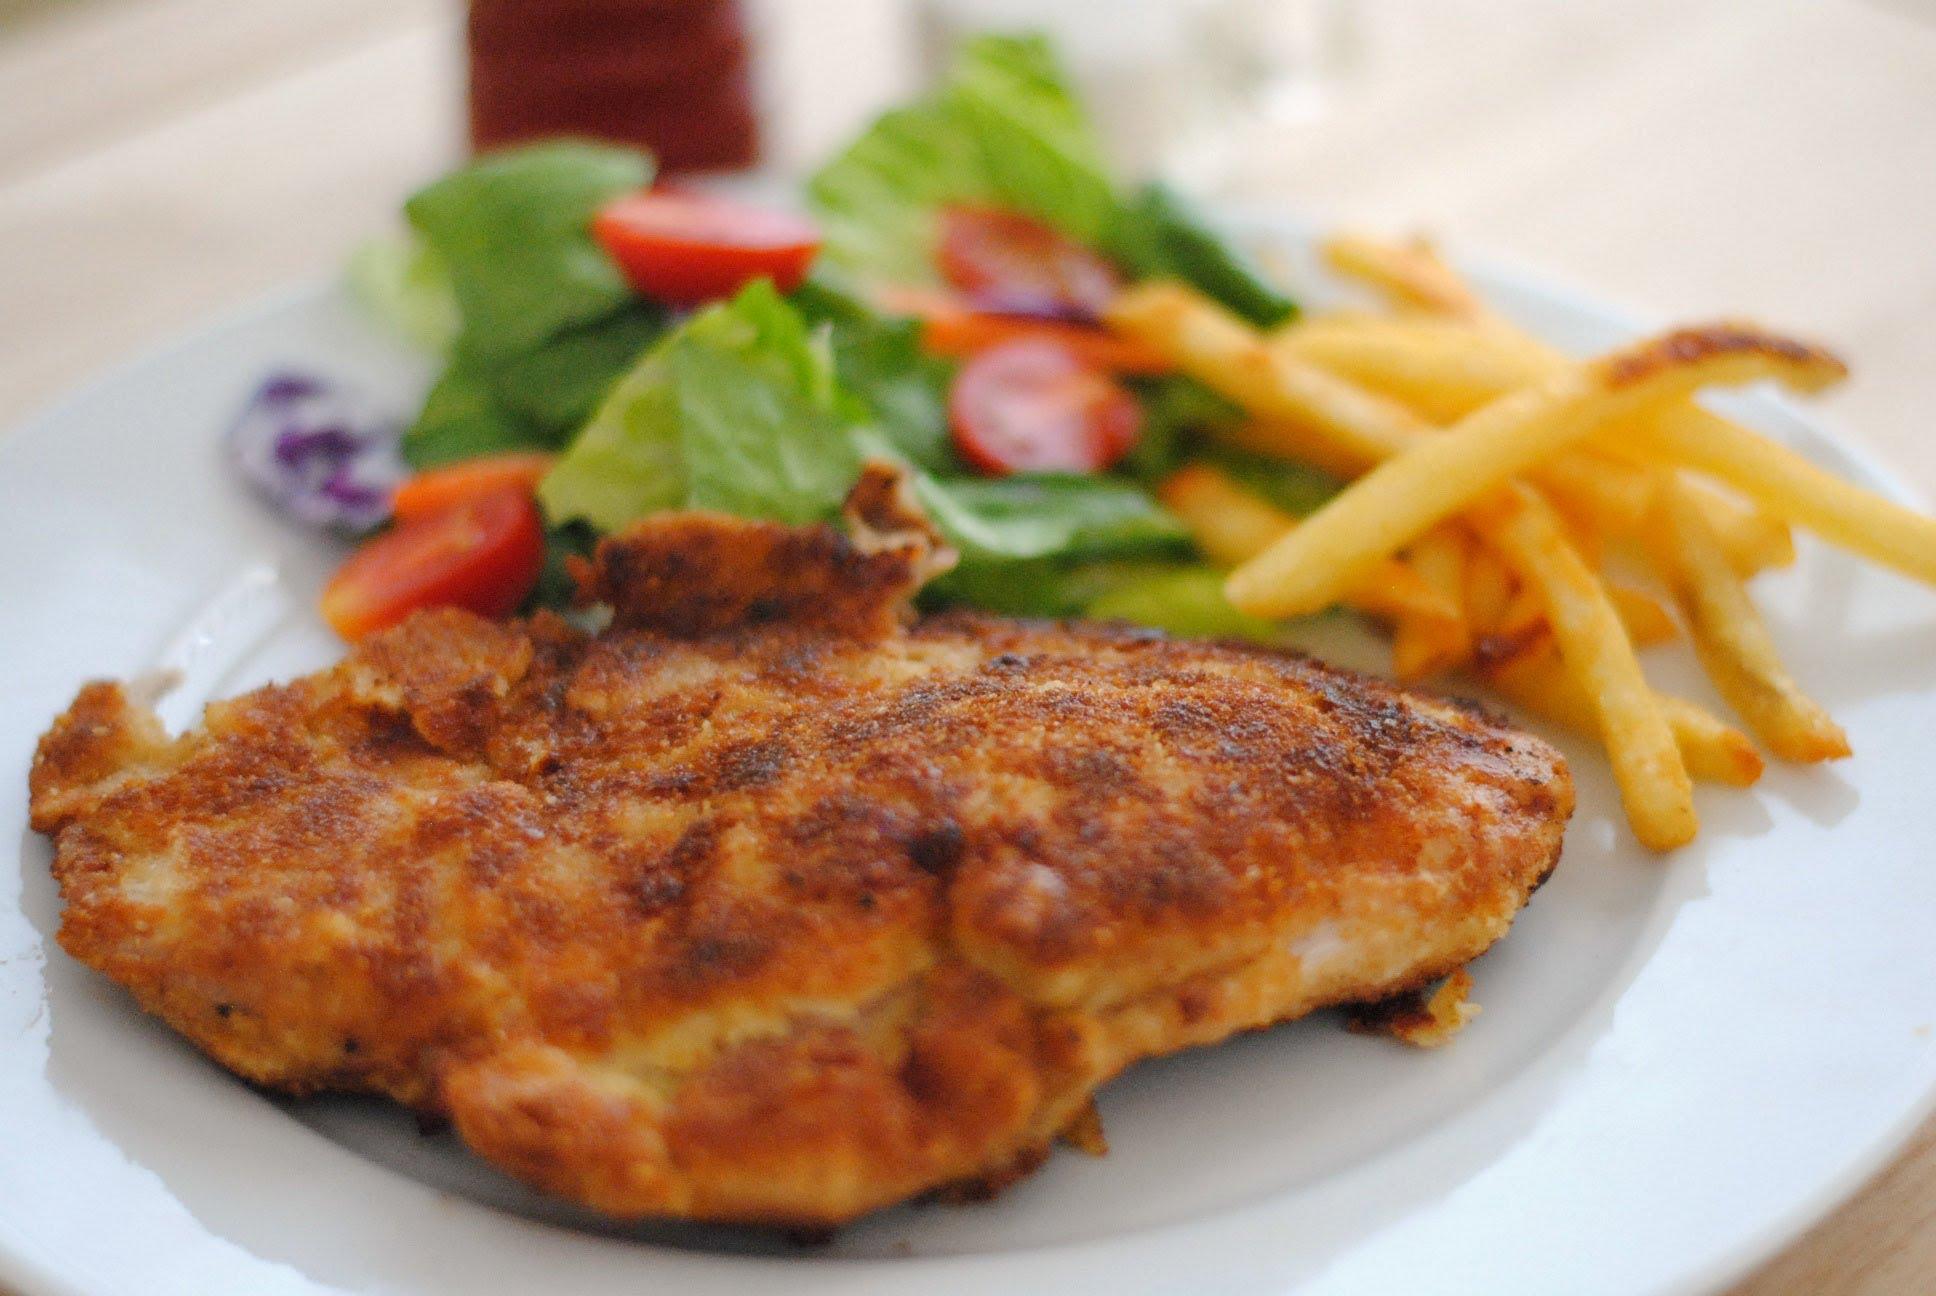 Chuleta de cerdo frita, otro de los manjares que deben ser ordenados antes de morir